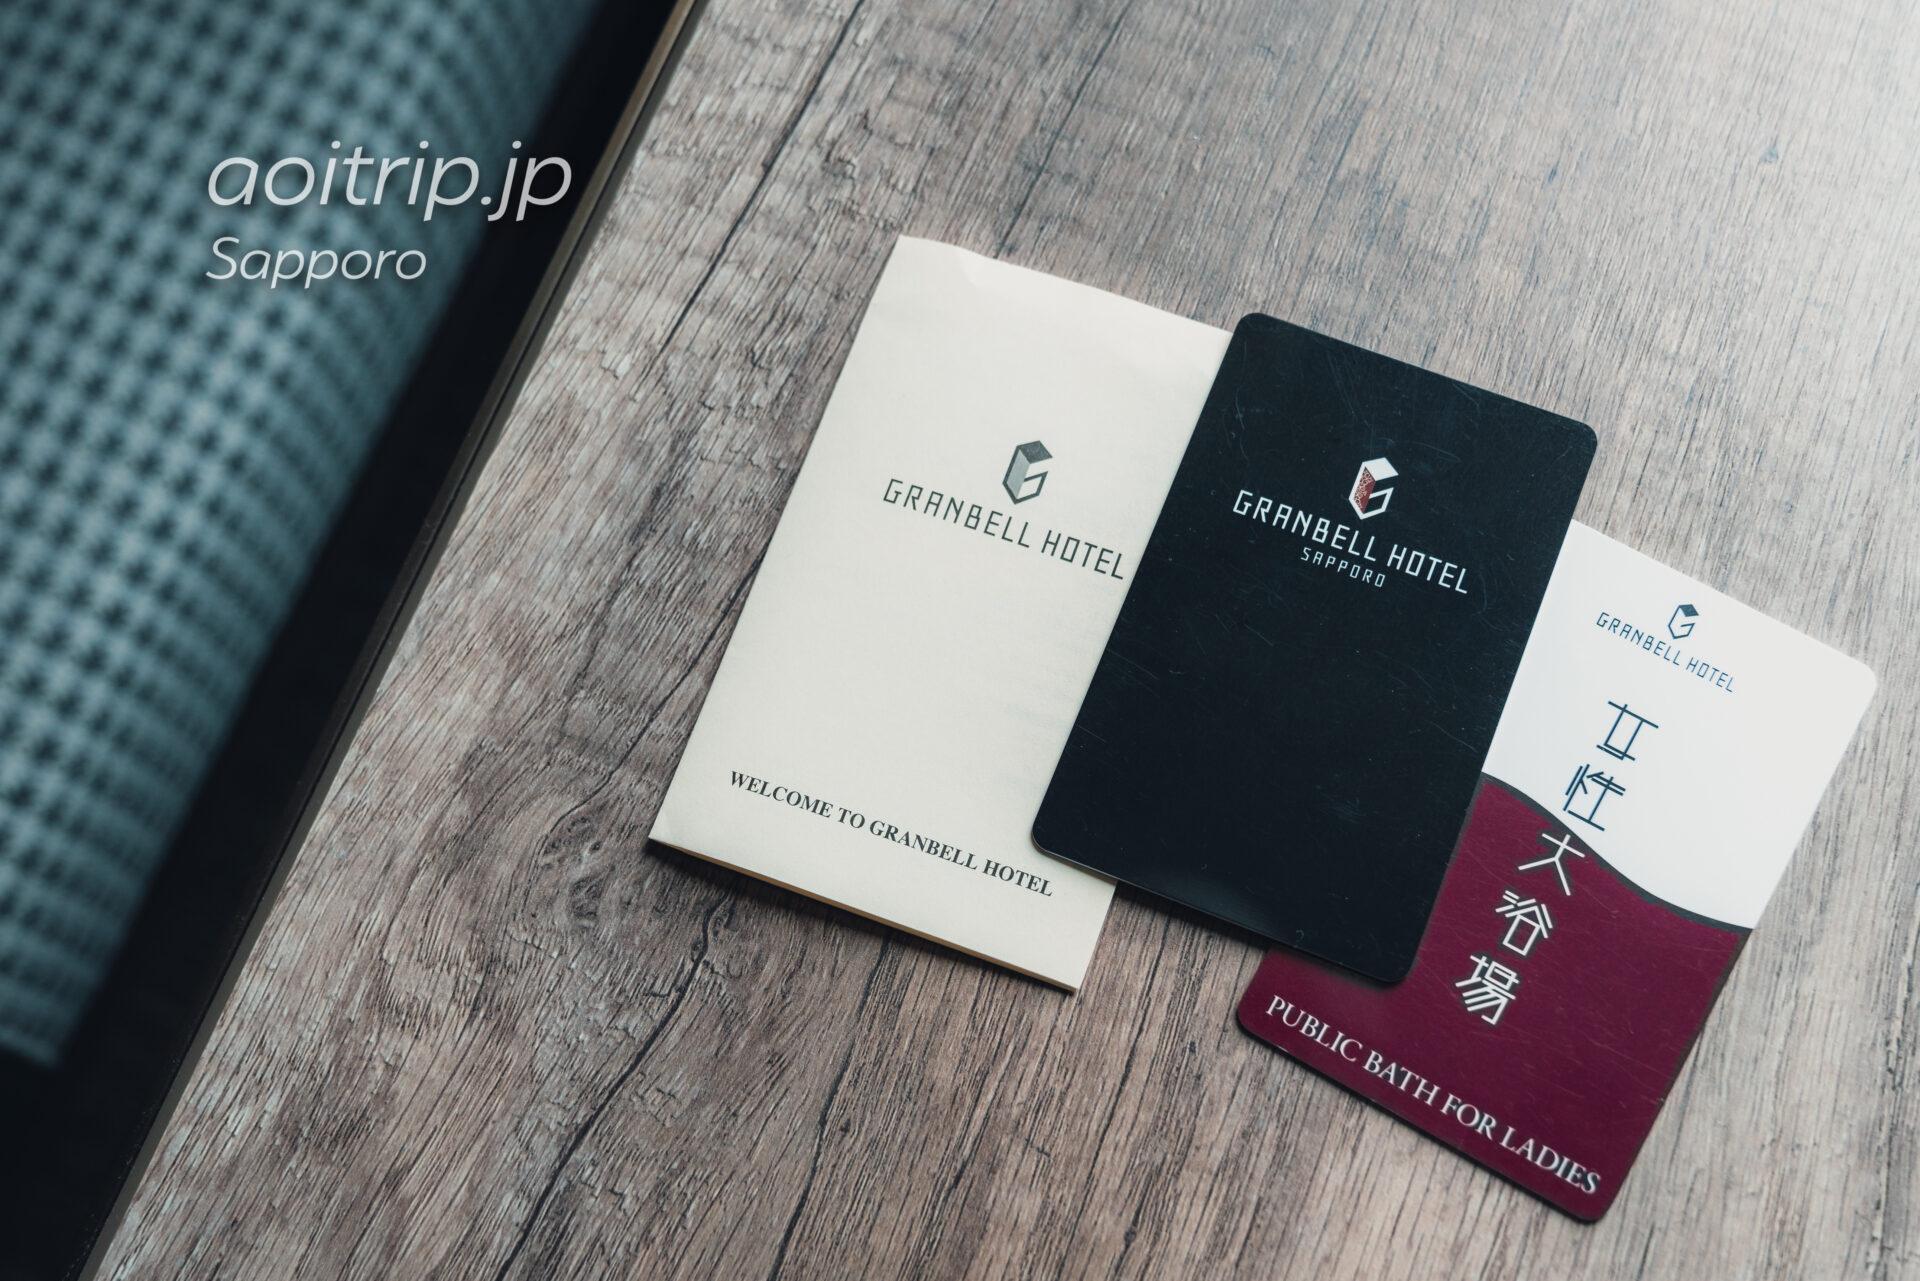 札幌グランベルホテルのカードキー